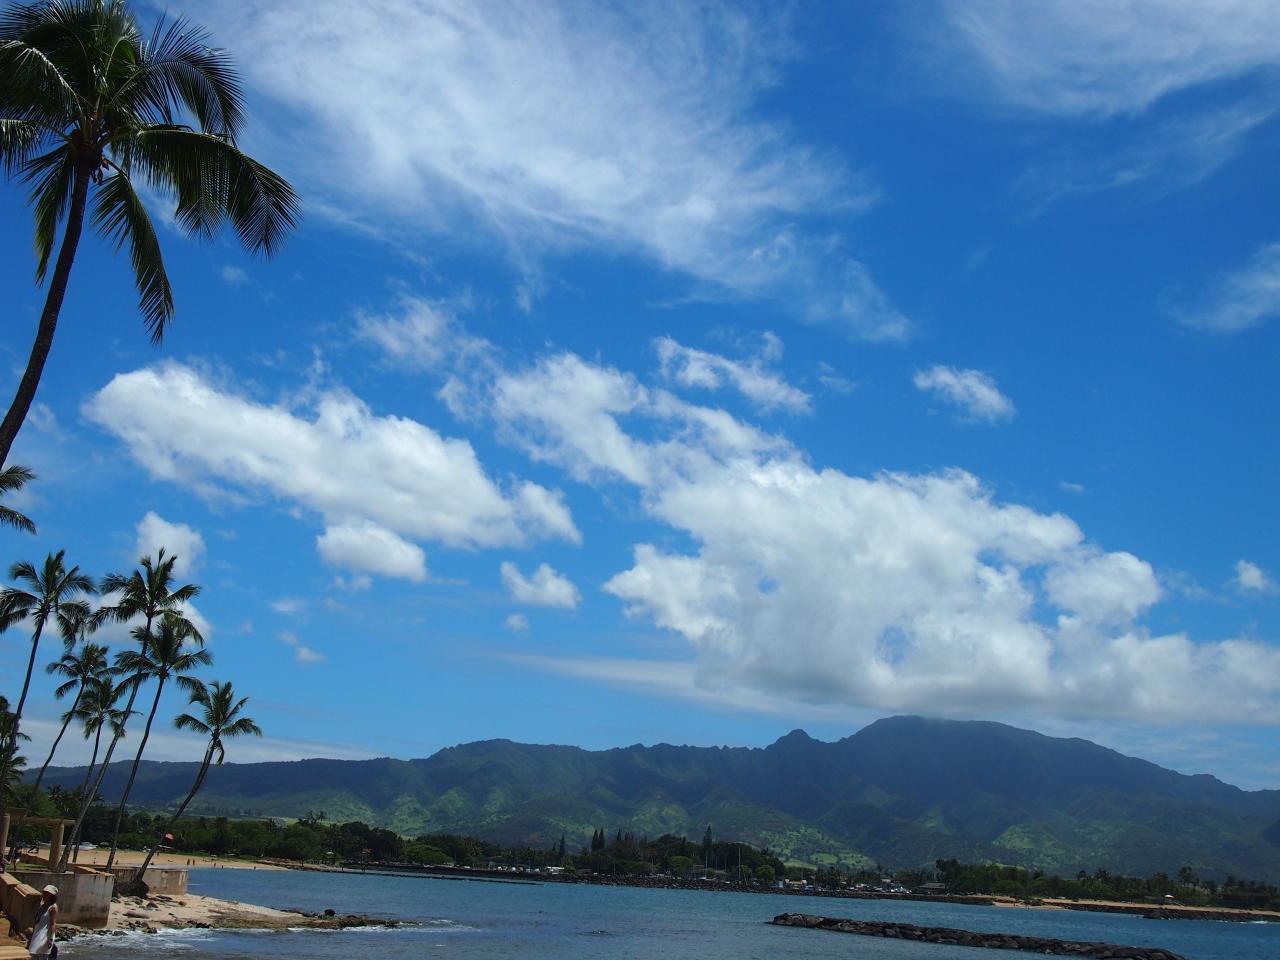 a6b5564e01f2d ホノルル旅行記(ブログ) 一覧に戻る · 5 18に妹がハワイ・コオリナのパラダイスコーブで挙式(